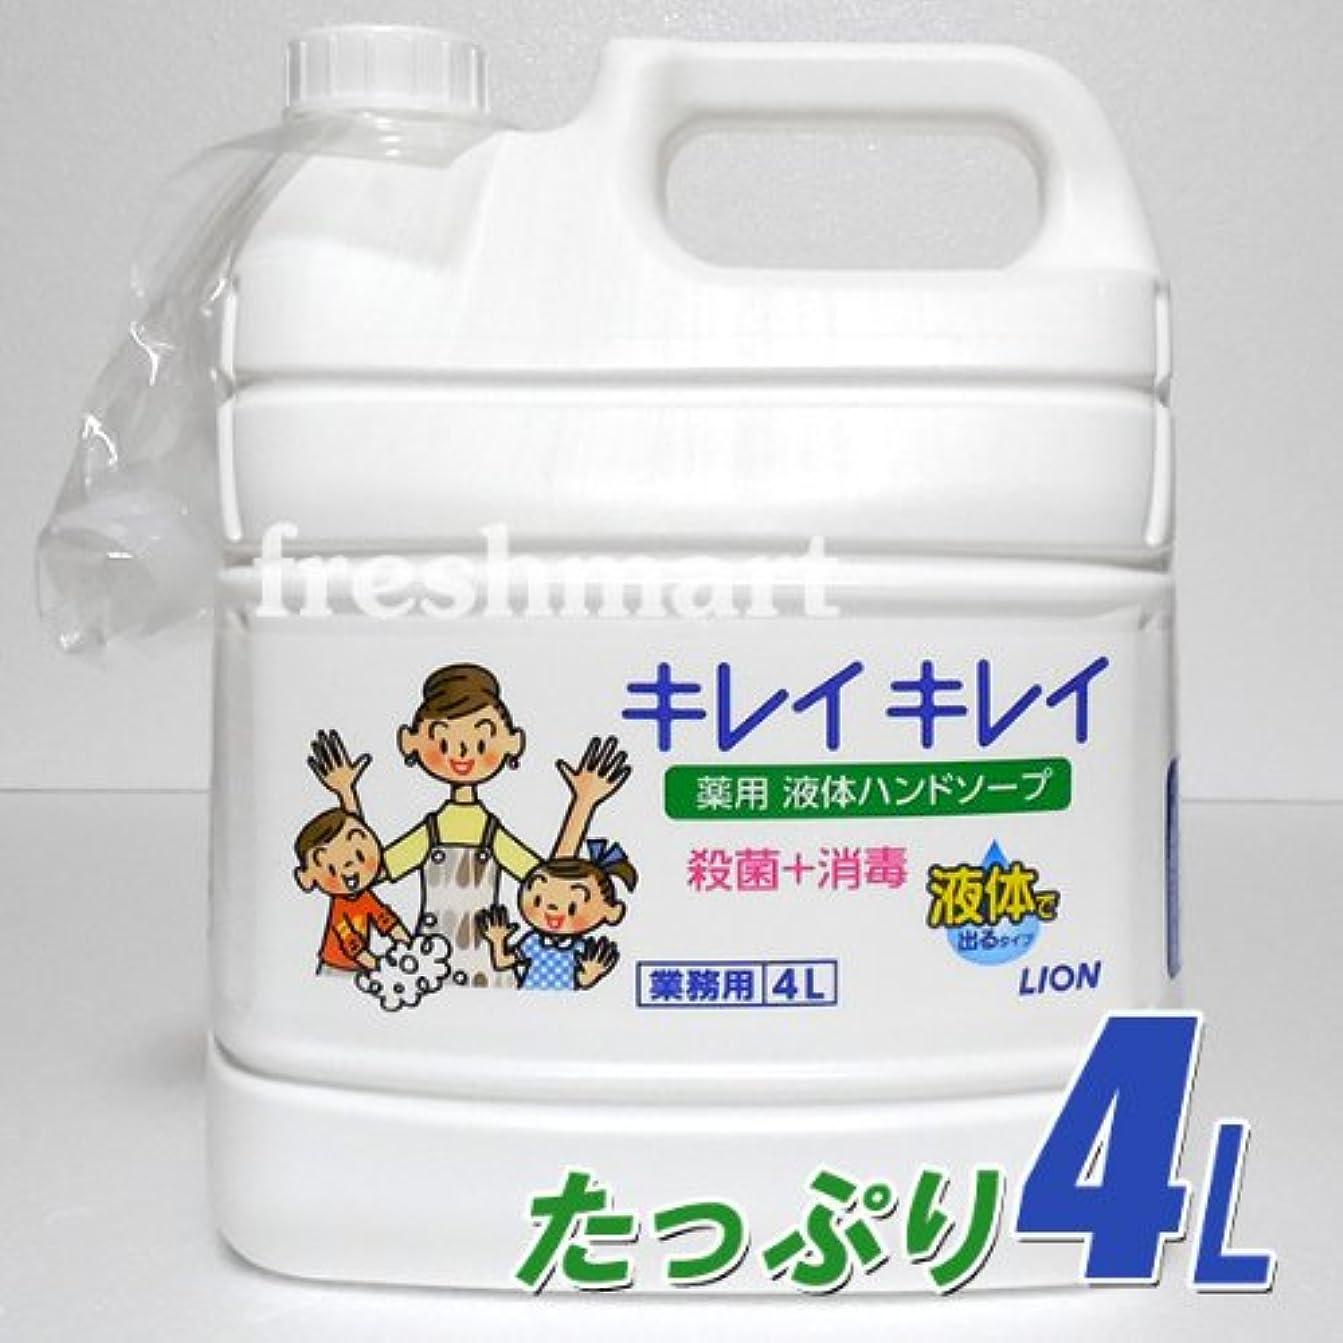 流行タフ入場料☆100%植物性洗浄成分使用☆ ライオン キレイキレイ 薬用液体ハンドソープ つめかえ用4L 業務用 大容量 ボトル